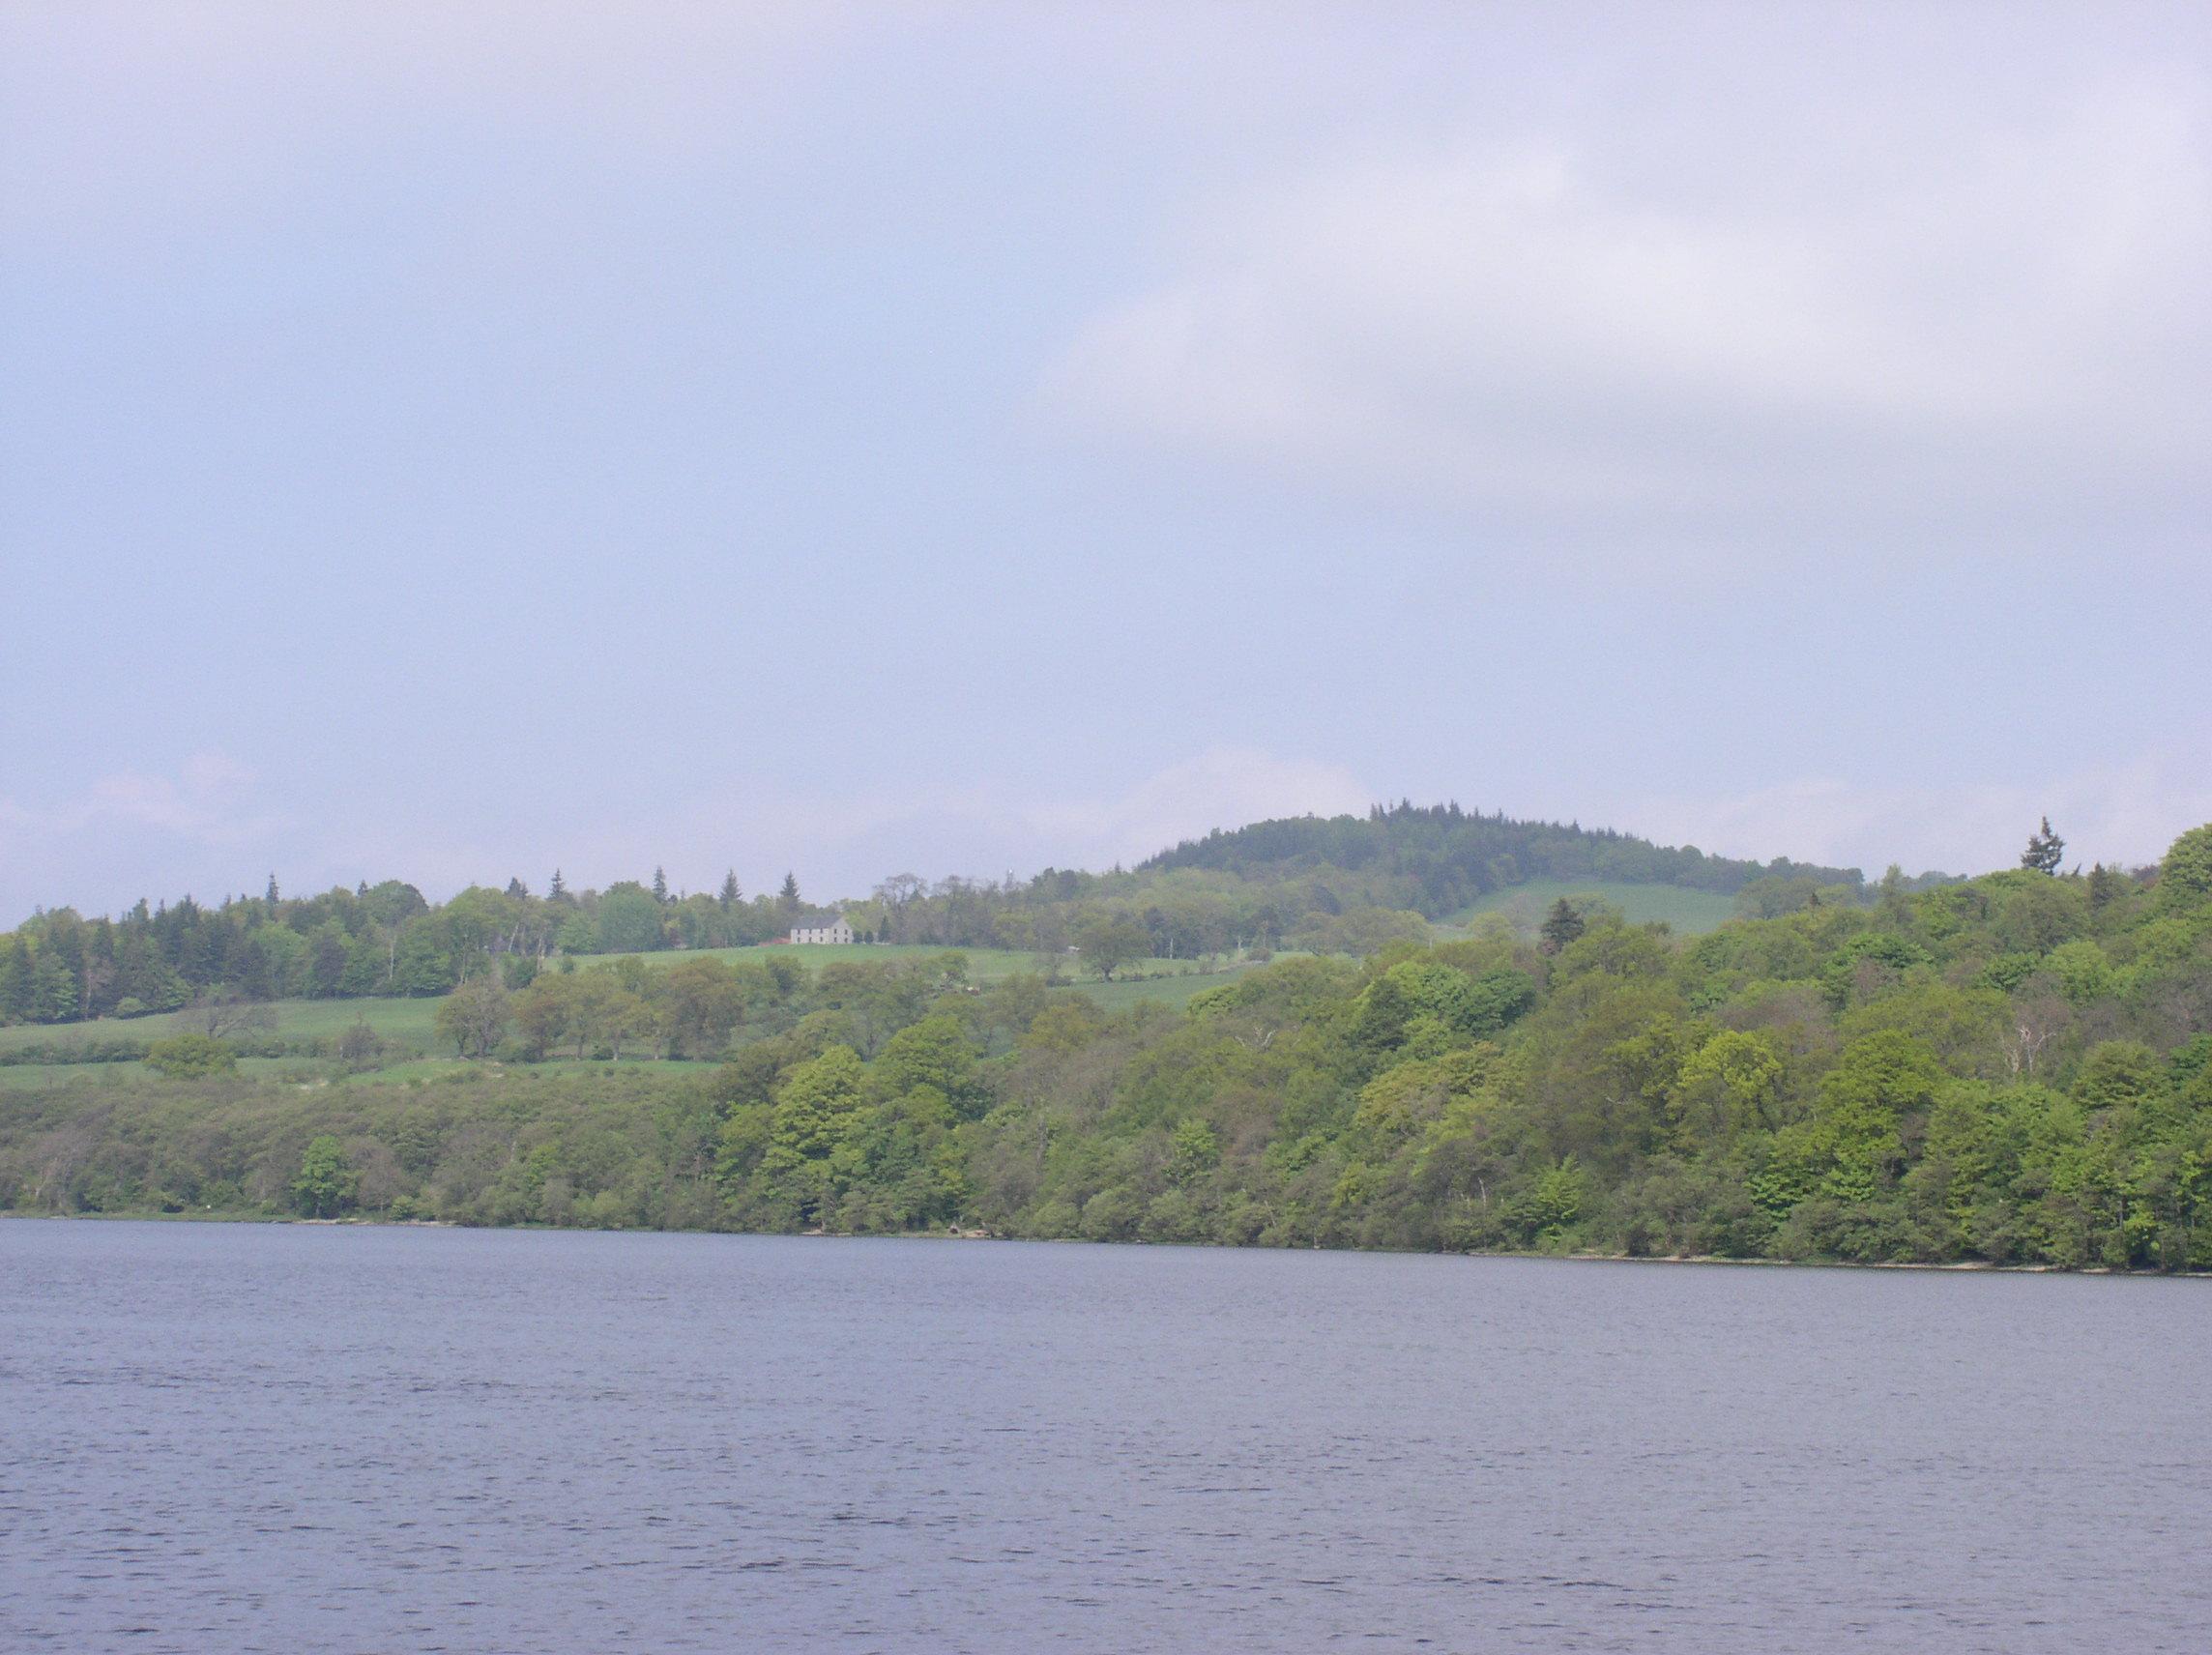 5 11 04 Loch Lomond 2.JPG